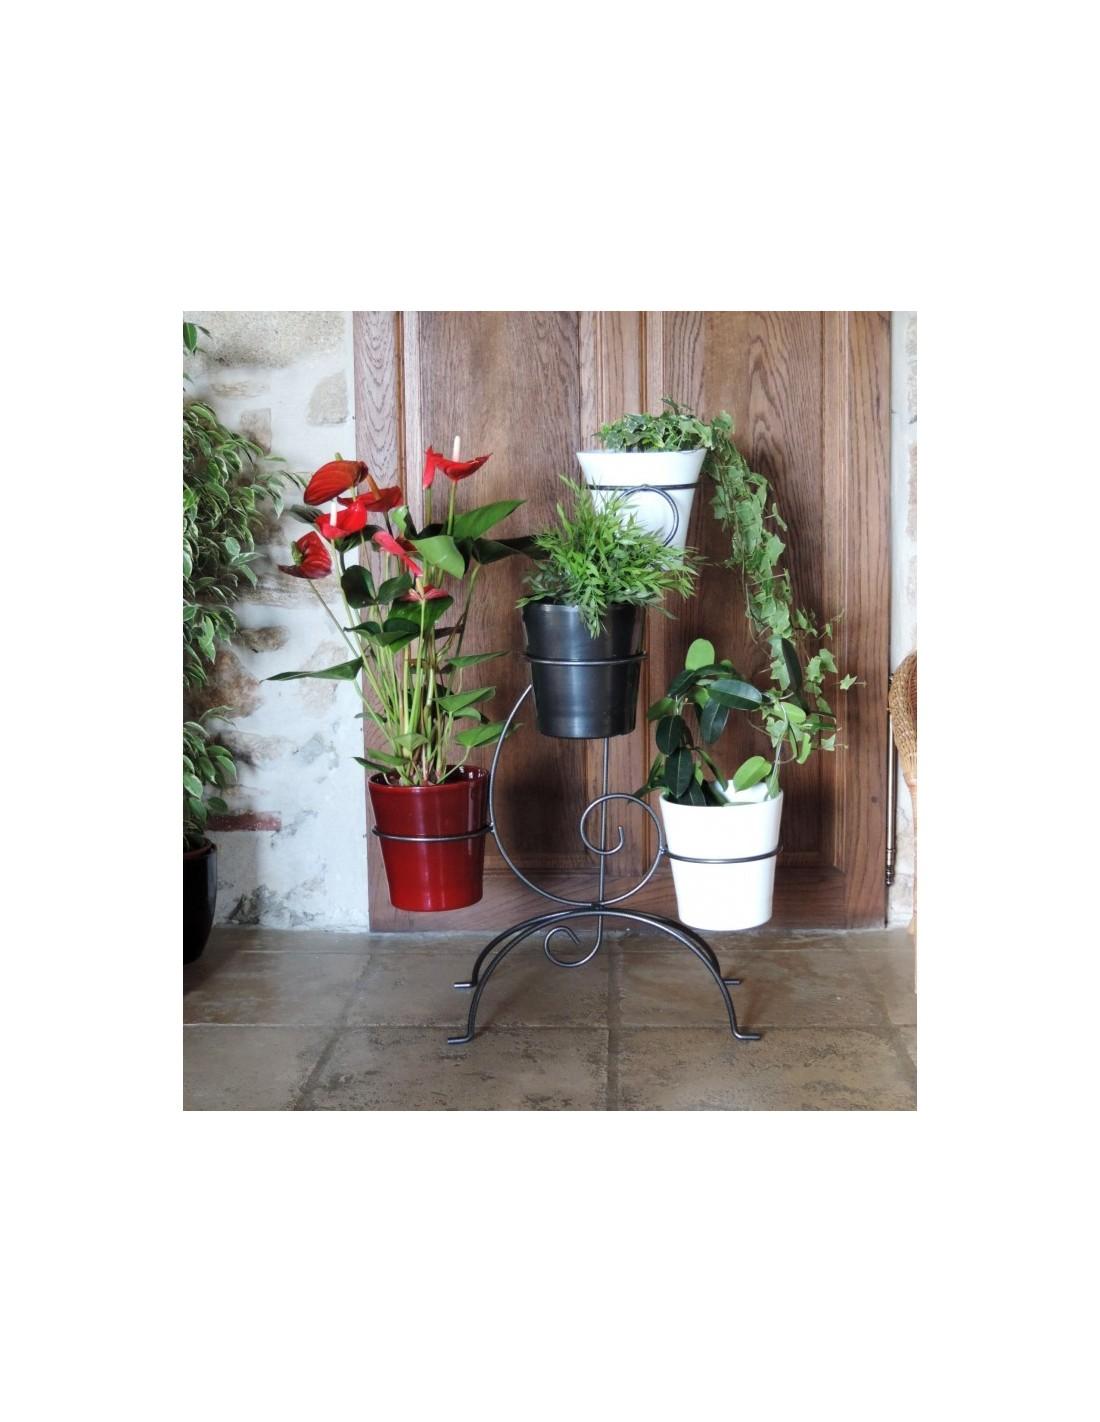 porte plantes 4 pots coloris gris martel louis moulin. Black Bedroom Furniture Sets. Home Design Ideas